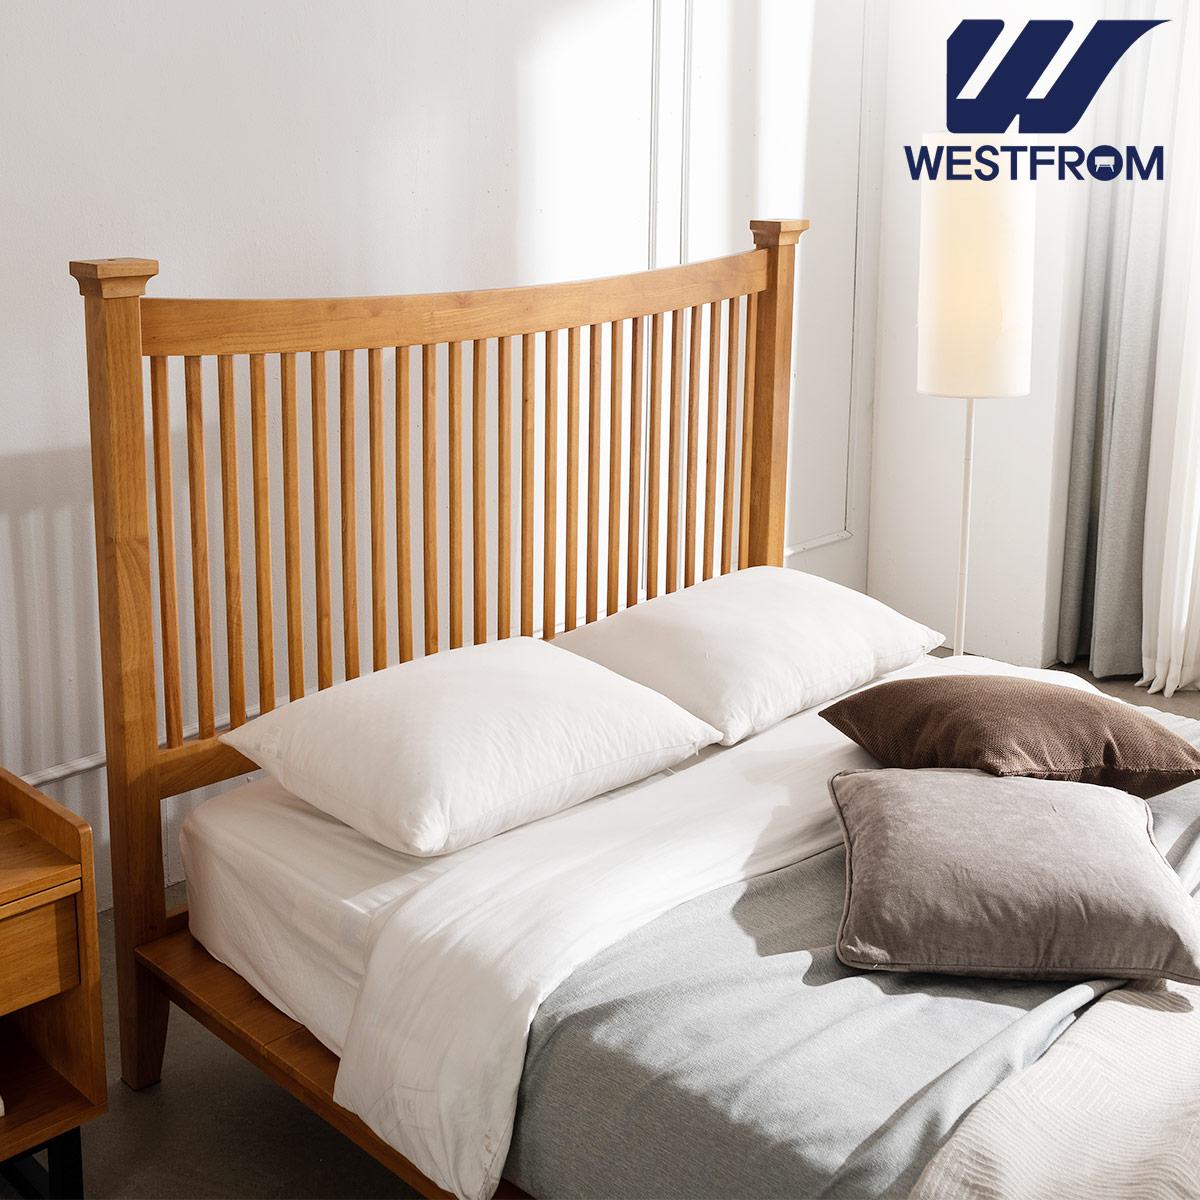 [웨스트프롬] 모던 마가렛) 고무나무원목 평상형 침대(Q,K공용) / 텐더 리버 Q매트리스 / 전국착불